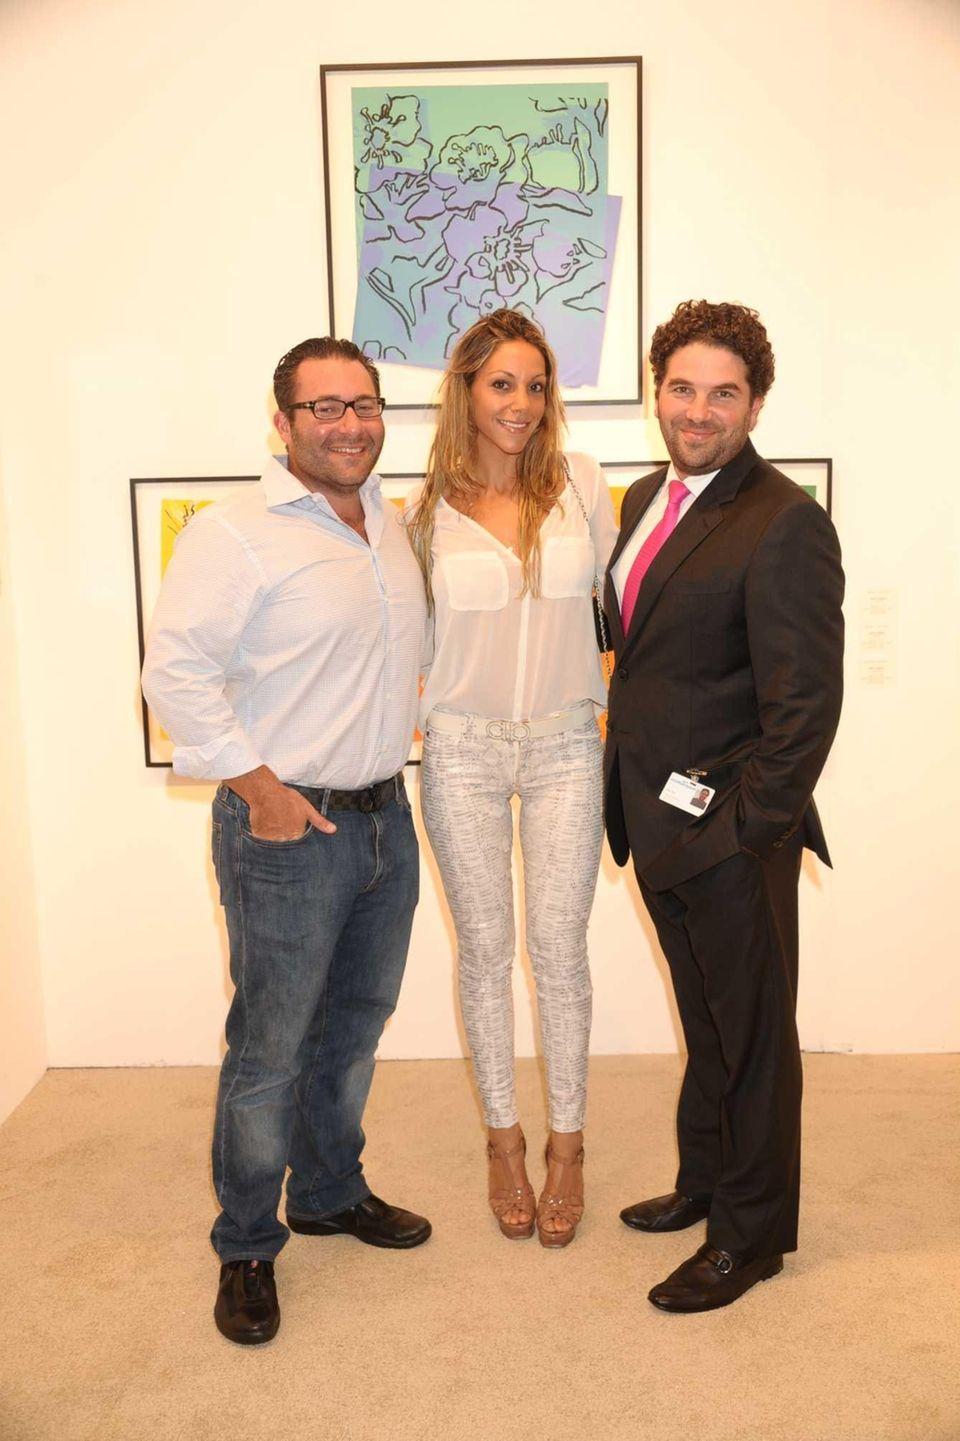 David Shahara, Morgan Shara and Ryan Ross attend